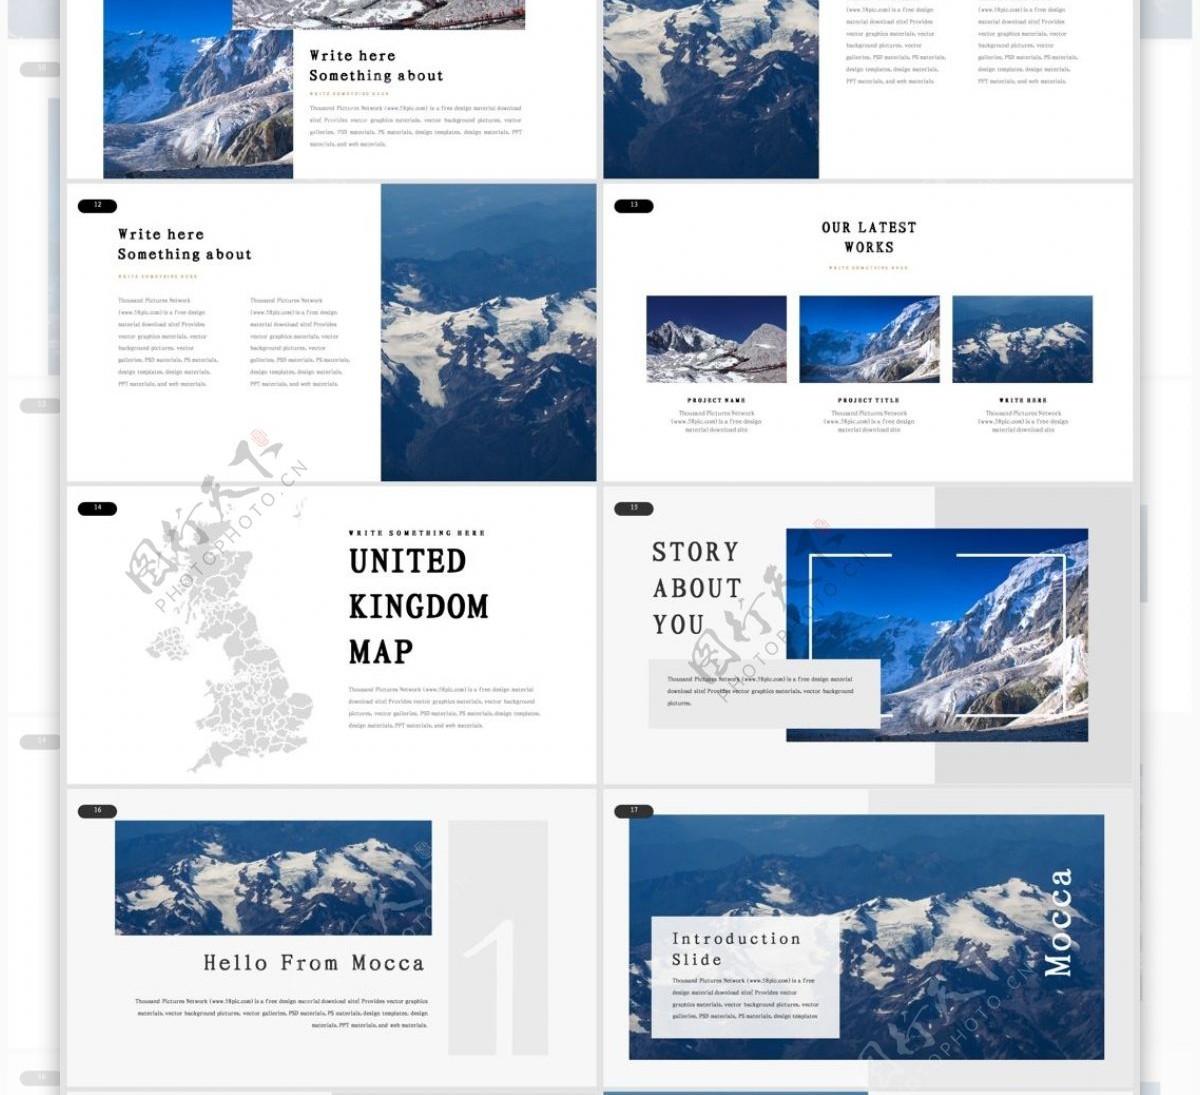 黑白欧美极简图文旅游相册PPT模板